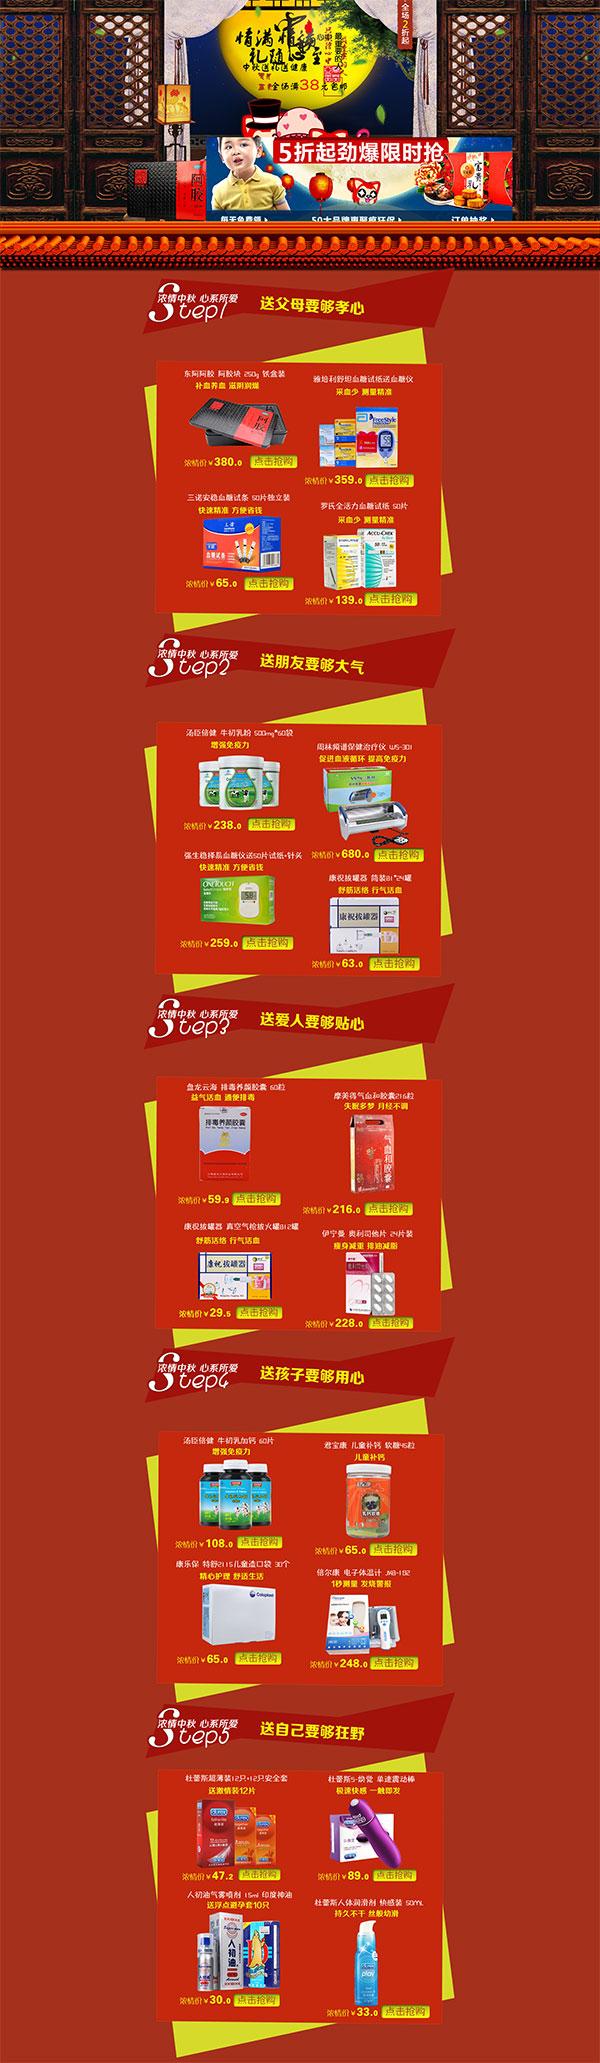 素材分类: 网页所需点数: 0 点 关键词: 淘宝中秋节店铺装修模板下载图片